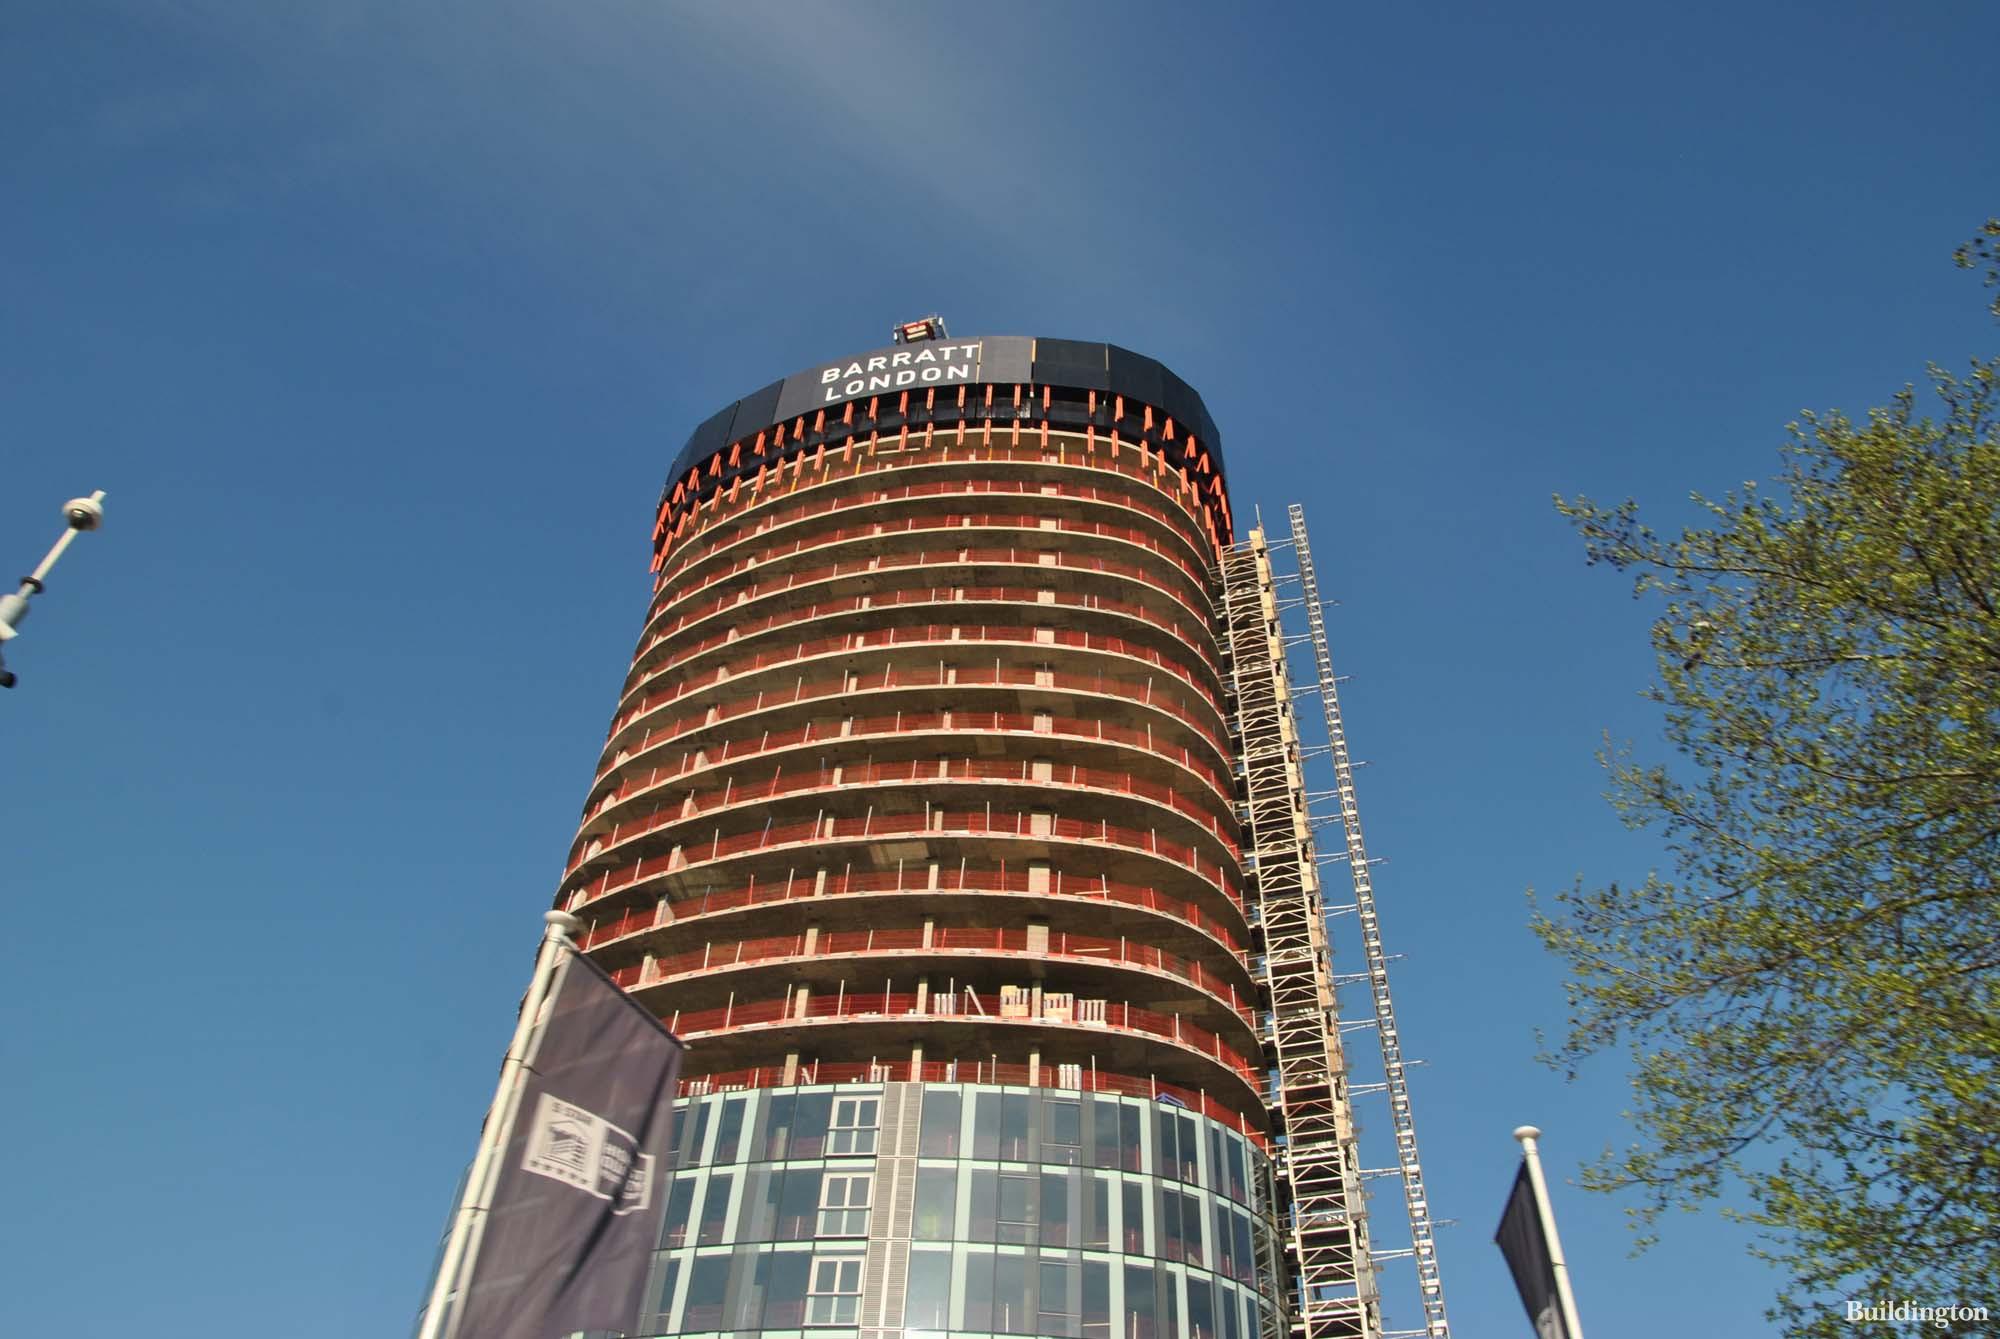 Kew Eye tower under construction by Barratt London in Great West Quarter development in Brentford, Greater London TW8